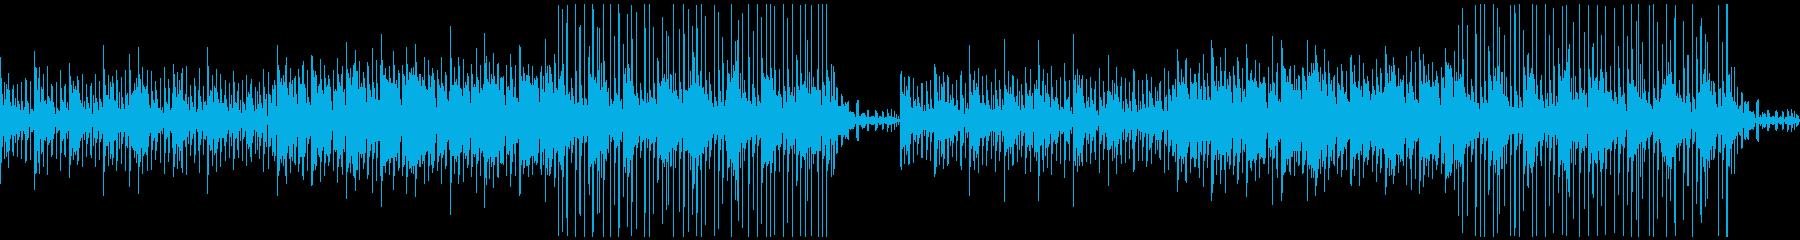 オシャレで軽快な夏の雰囲気のBGMの再生済みの波形